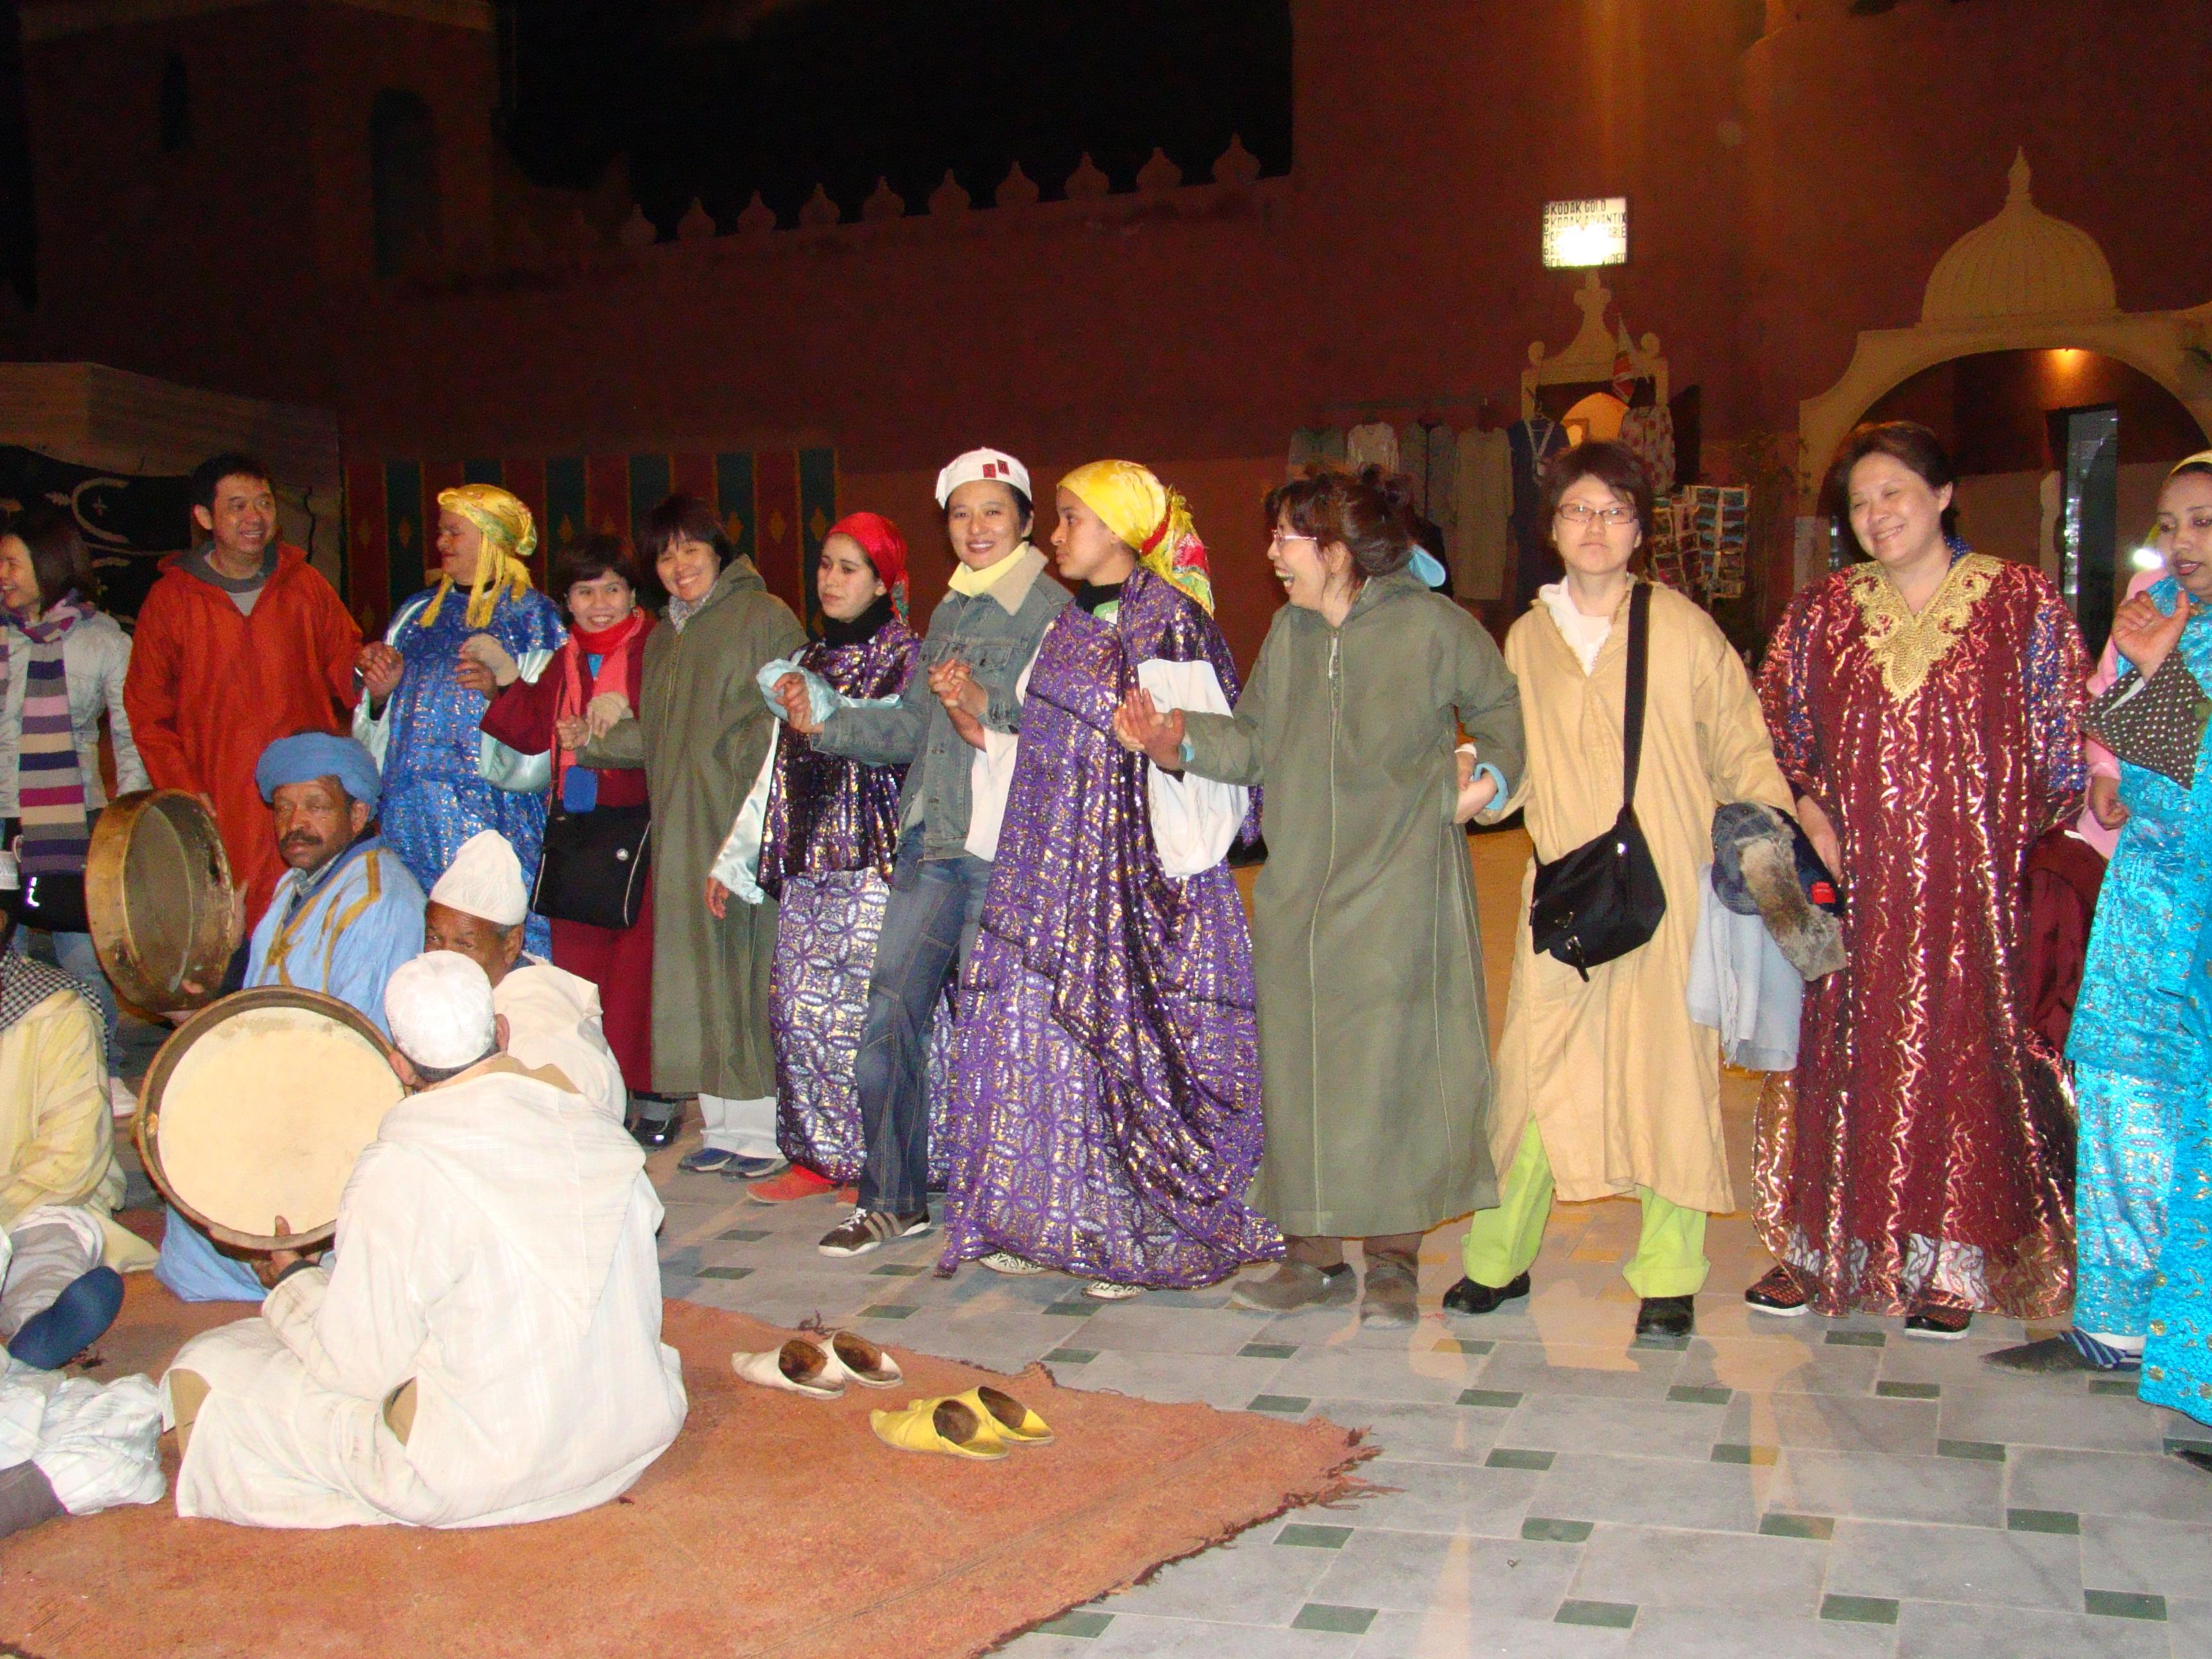 ทัวร์โมรอคโค ลูกทัวร์สนุกกับการเต้นรำกับชาวเบอร์เบอร์ ที่เชส อาลี แฟนตาเซียโชว์